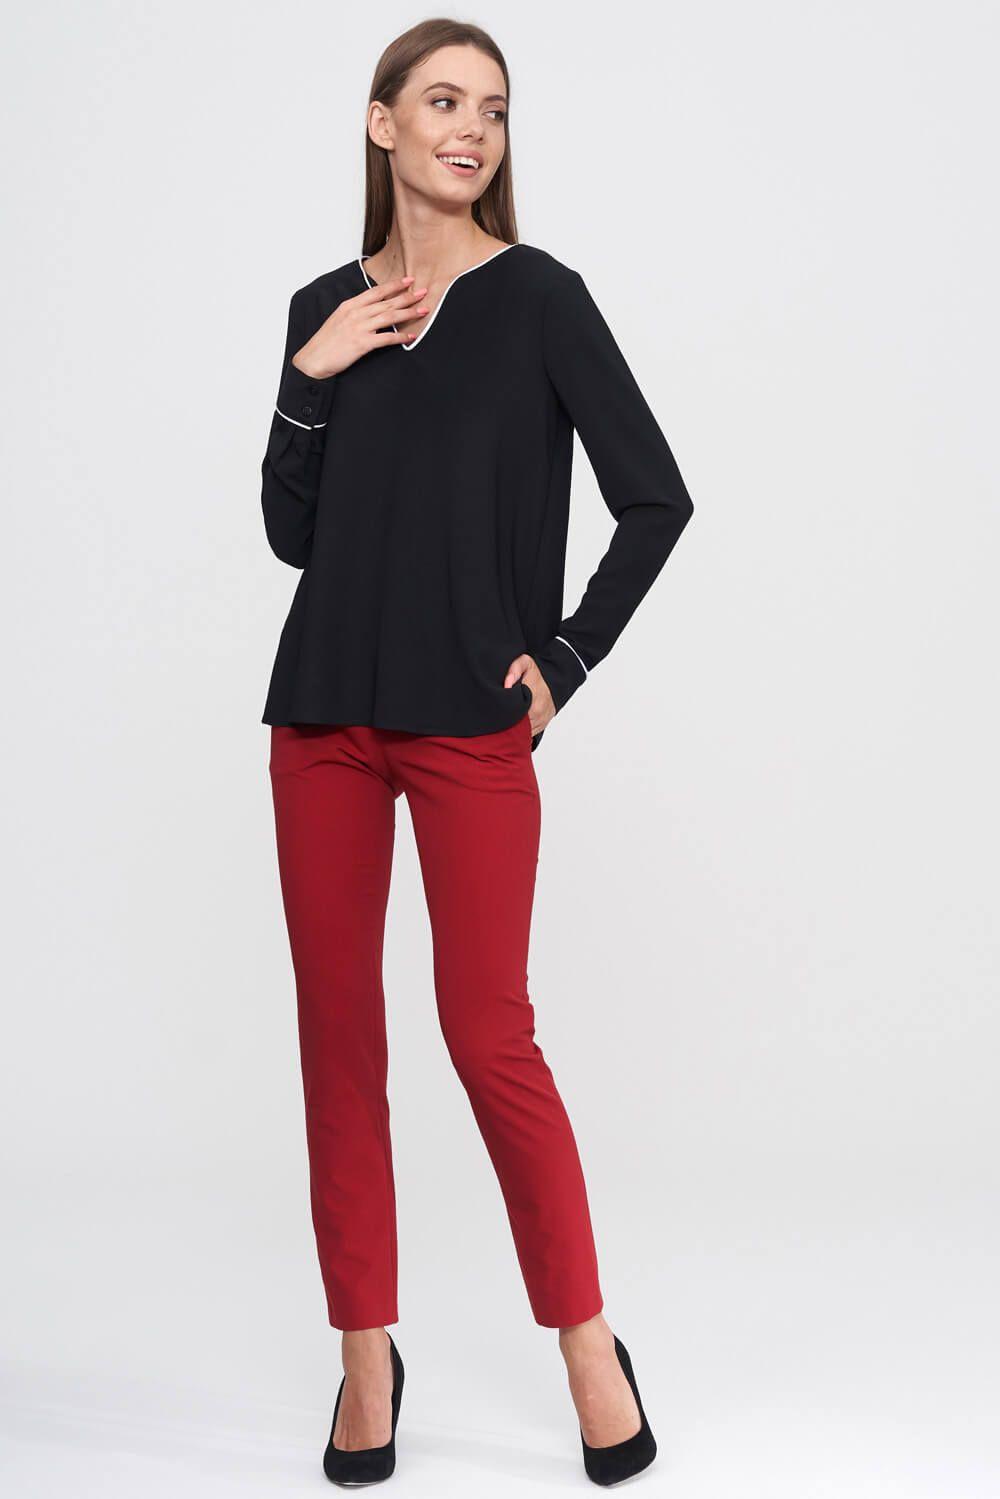 Блуза женские Natali Bolgar модель 19071MAG419 , 2017